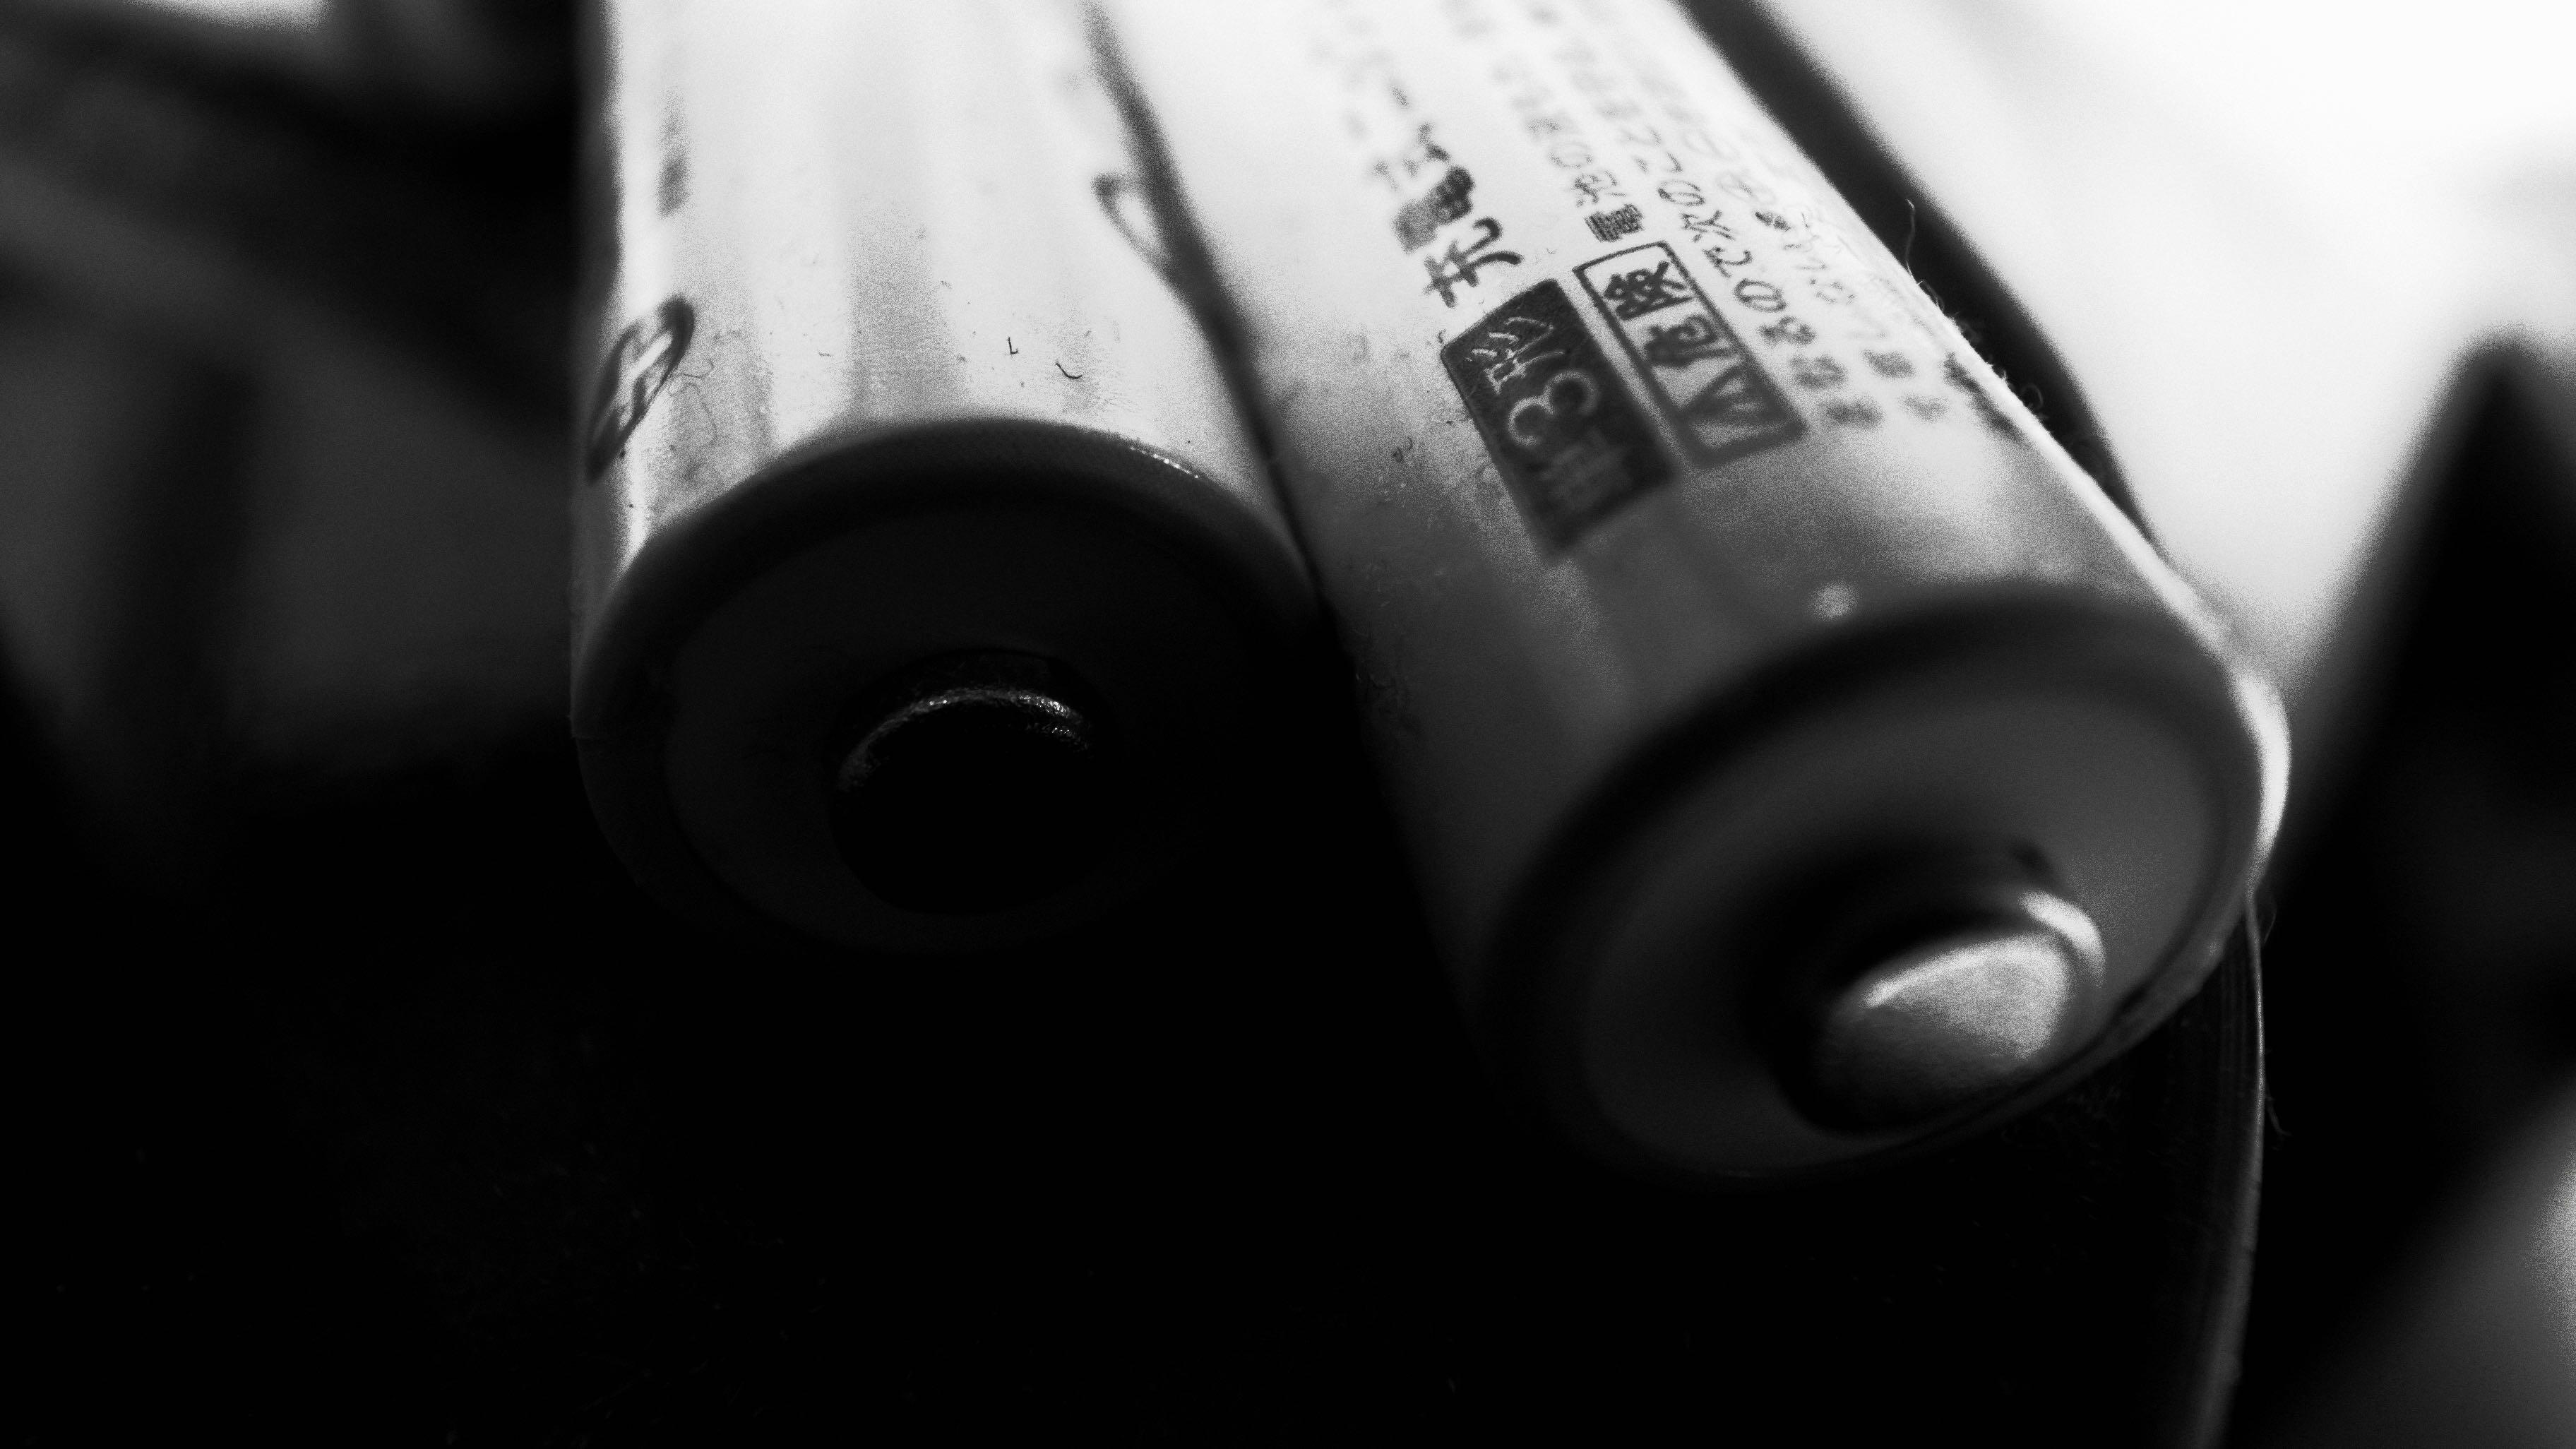 bw-battery